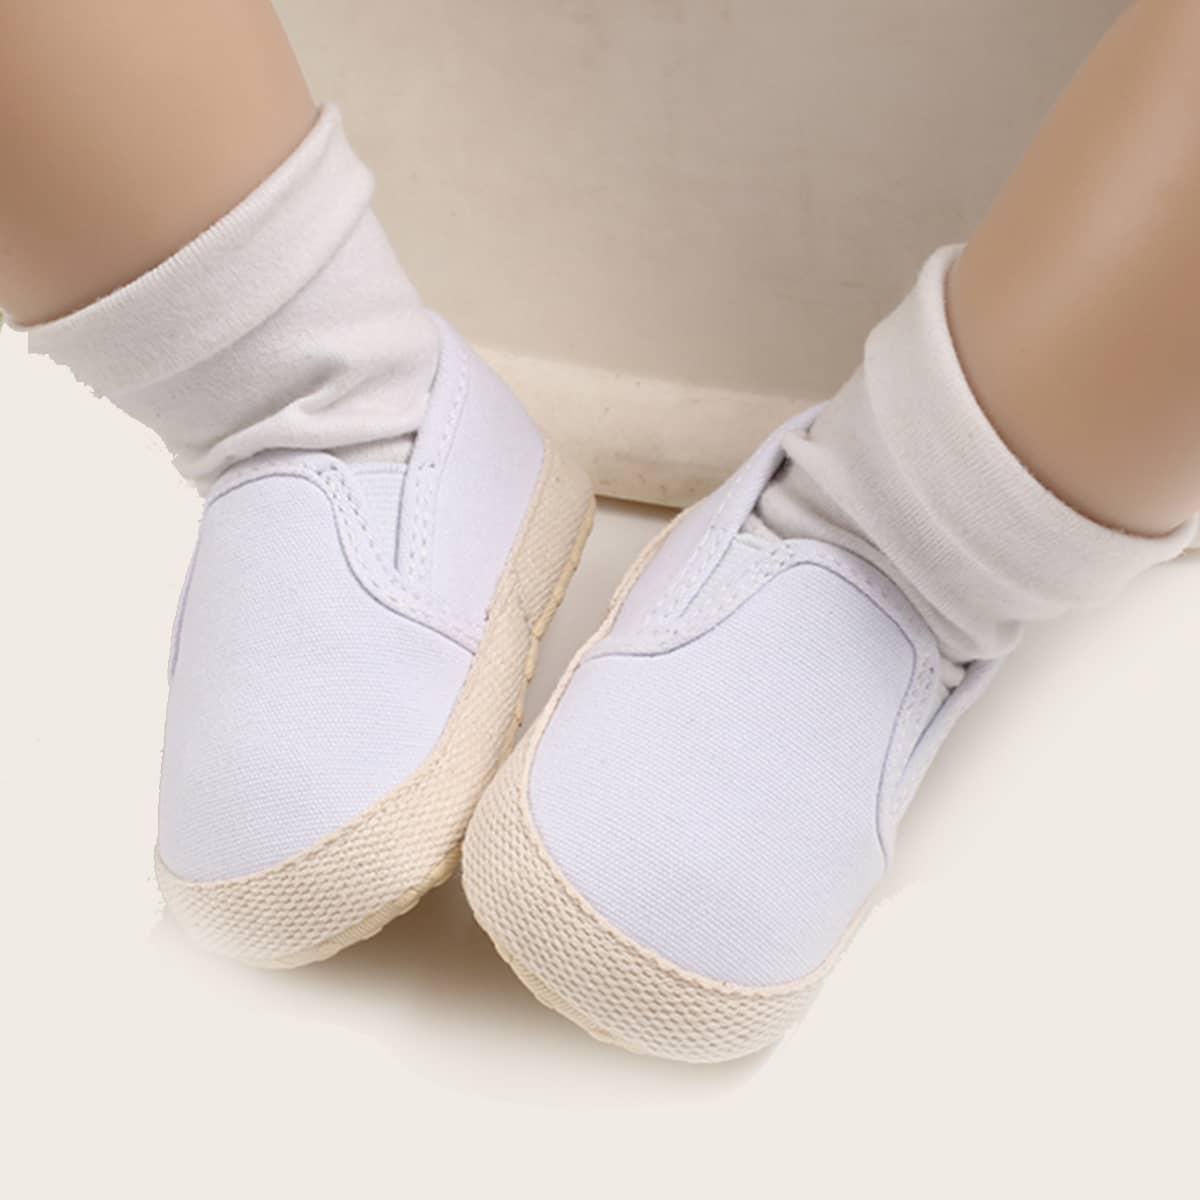 shein Vlak Baby platte schoentjes